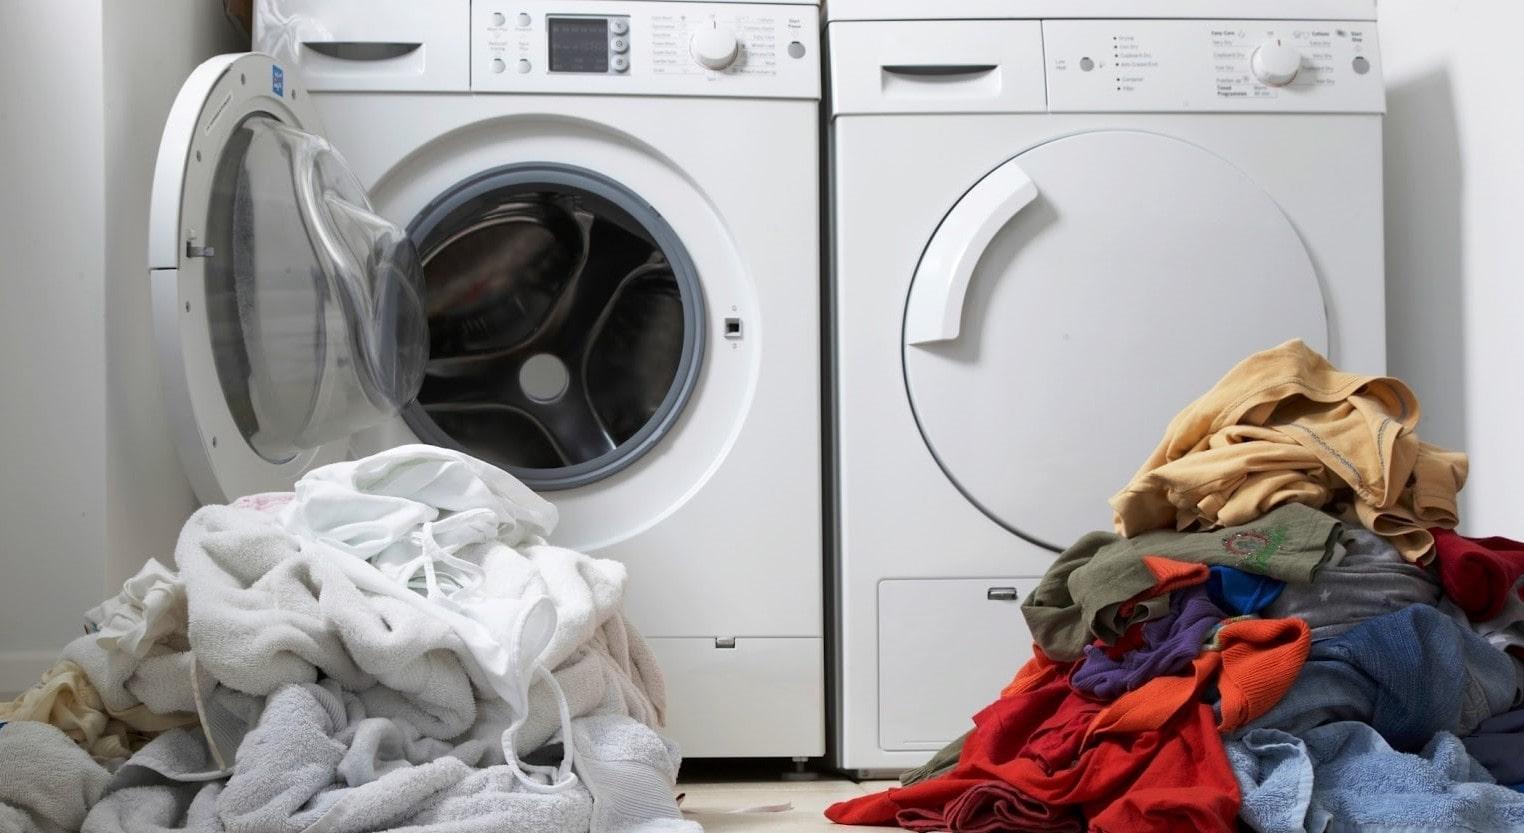 عدم تفکیک لباس ها باعث چروک شدن آنها در لباسشویی میشود